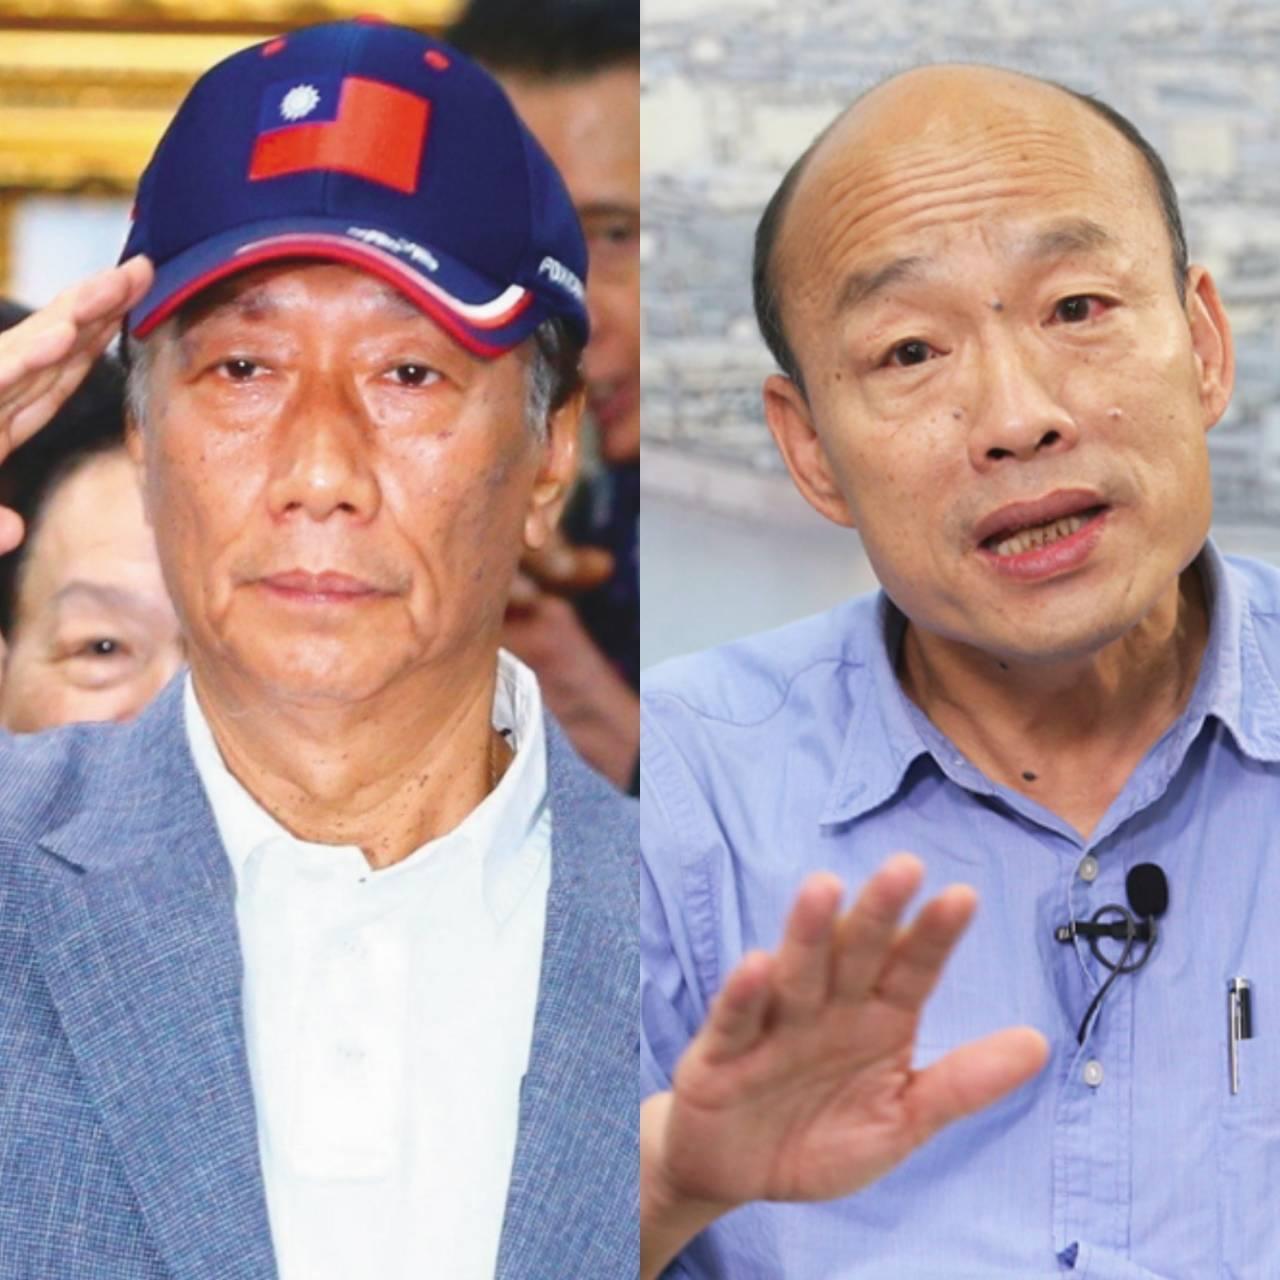 鴻海董事長郭台銘與高雄市長韓國瑜。本報資料照片合成